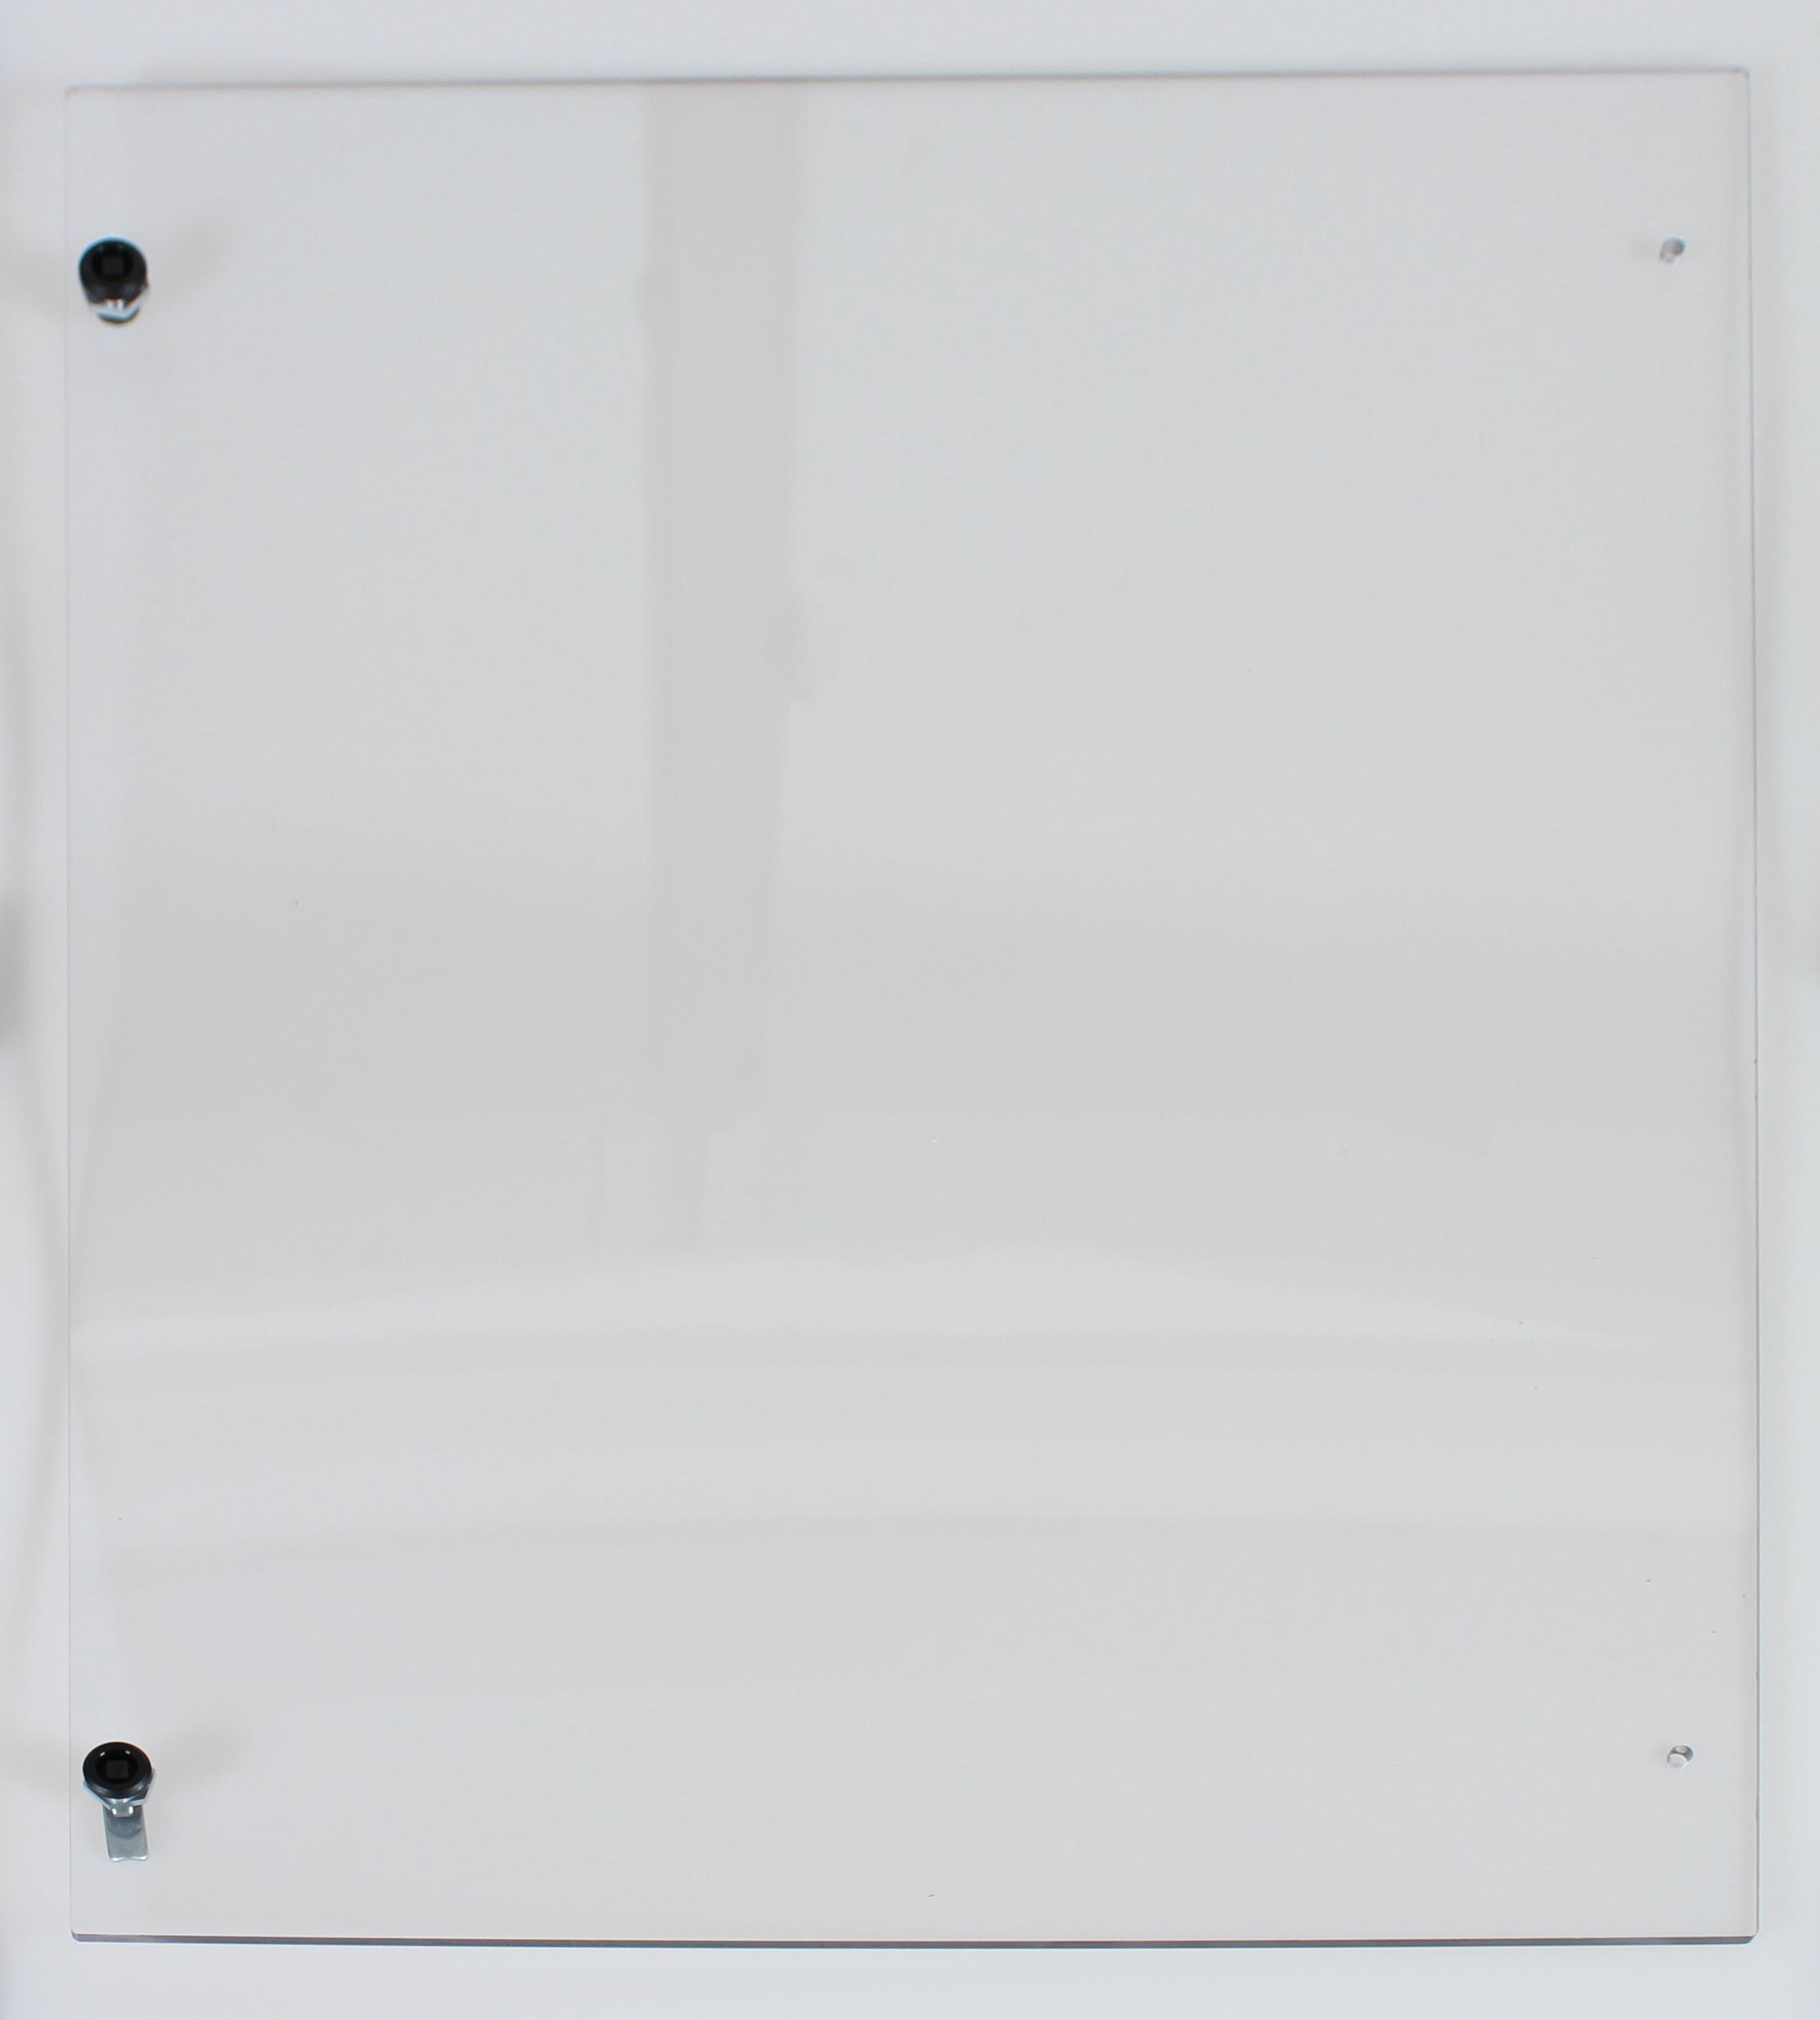 1 Stk Polycarbonat Sichttür (BxH = 480x530mm) für Schrank H=1850mm NLPLX185--